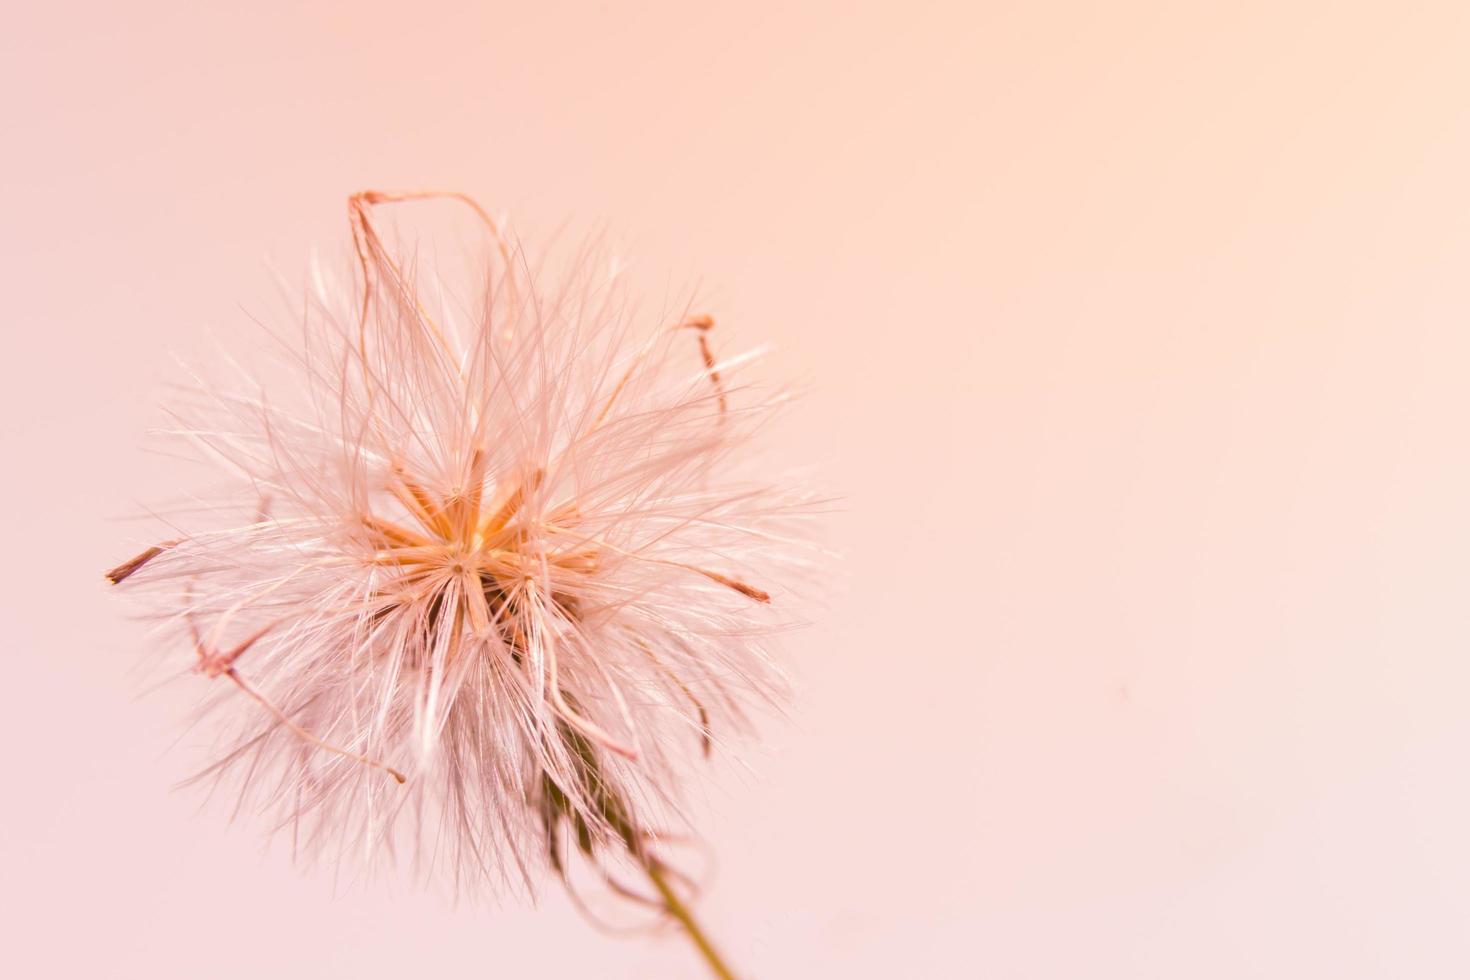 primer plano de la flor de la hierba foto